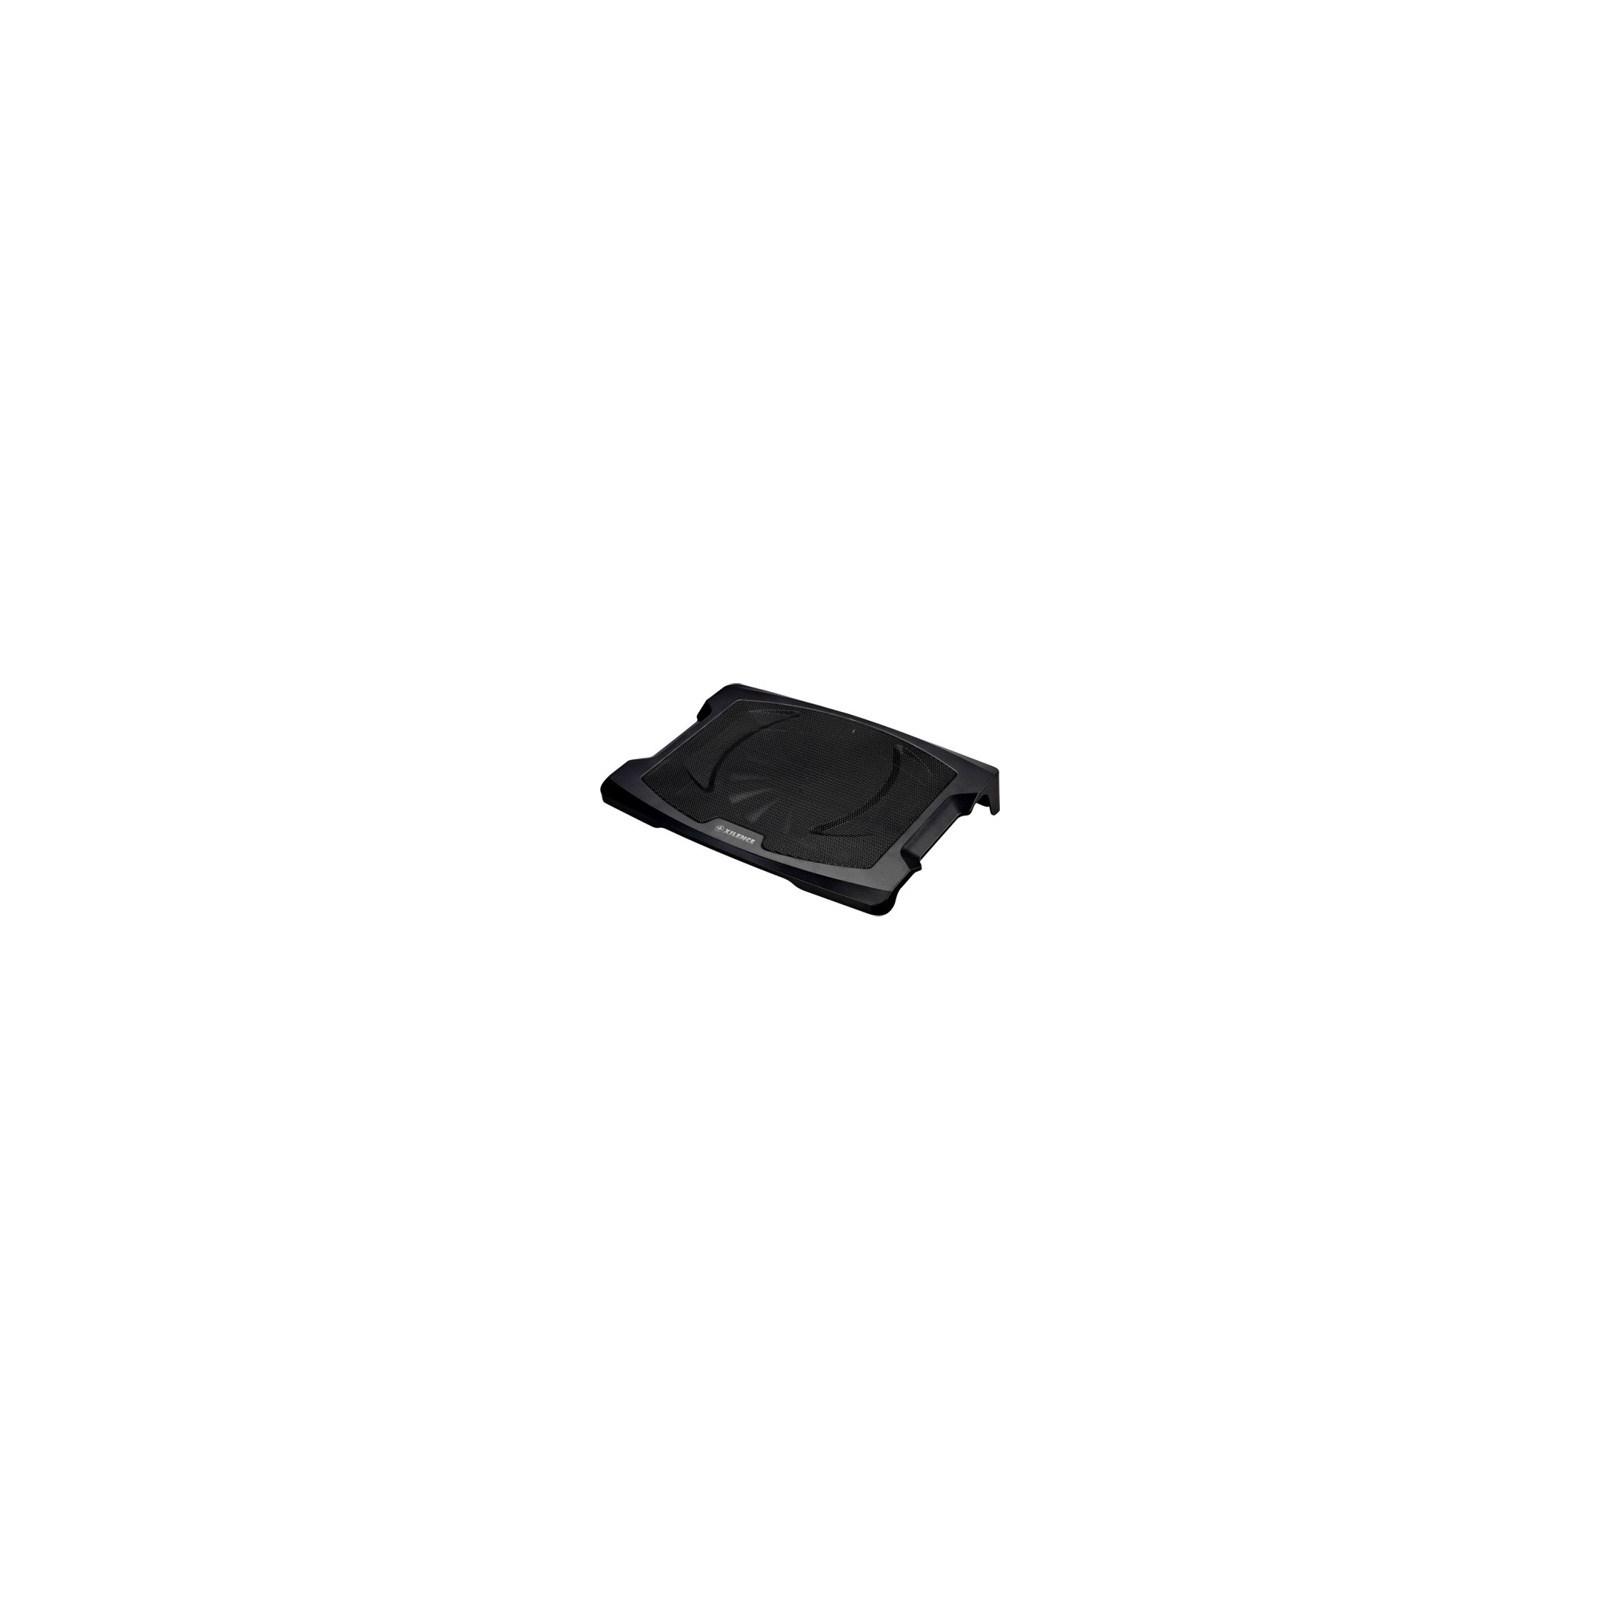 Подставка для ноутбука Xilence XPLP-M400